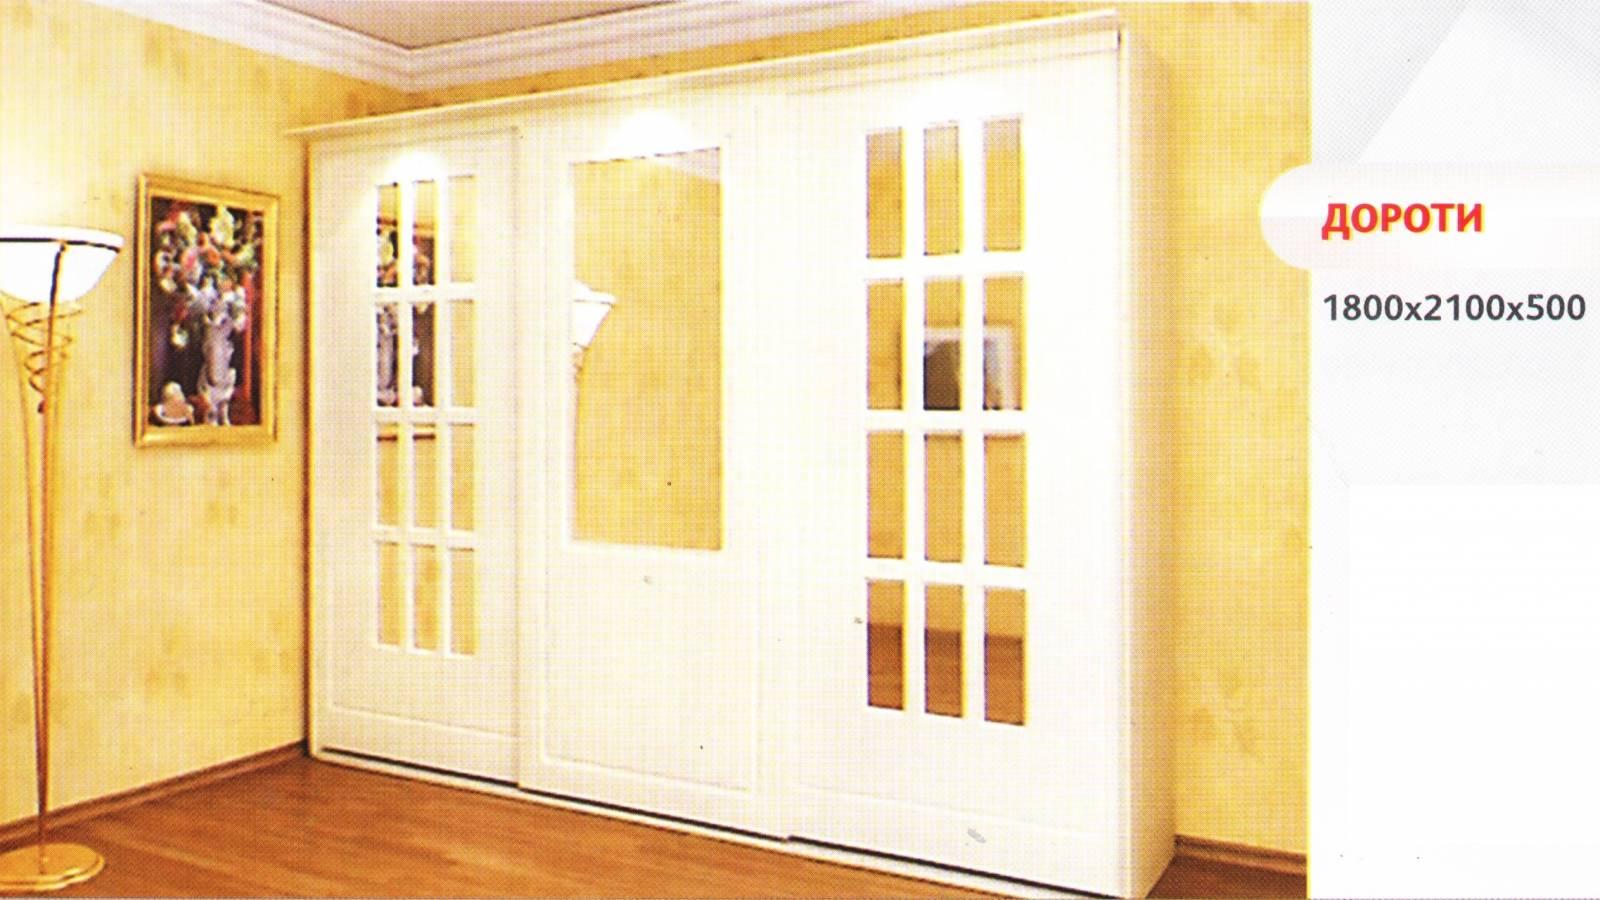 Примеры шкафов-купе с фрезеровкой.